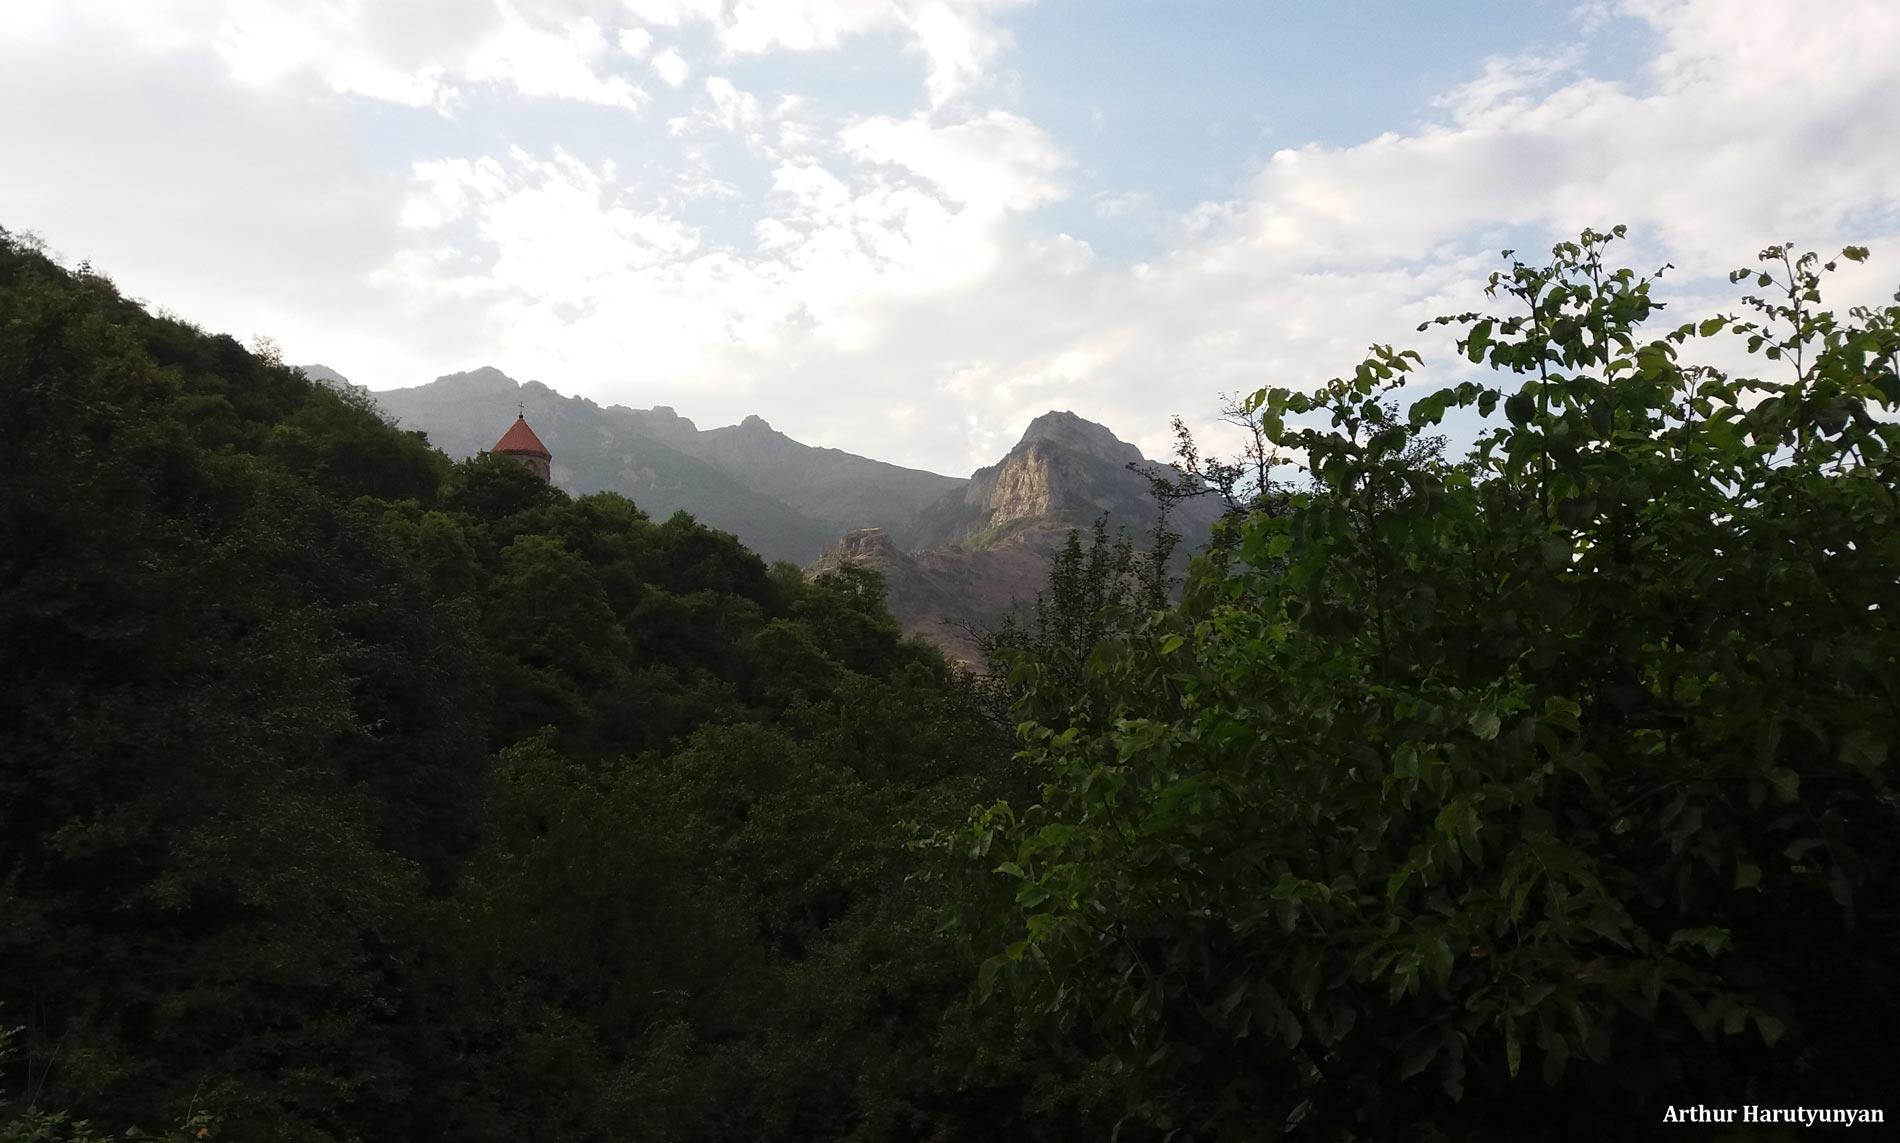 Фото армении города ванадзора